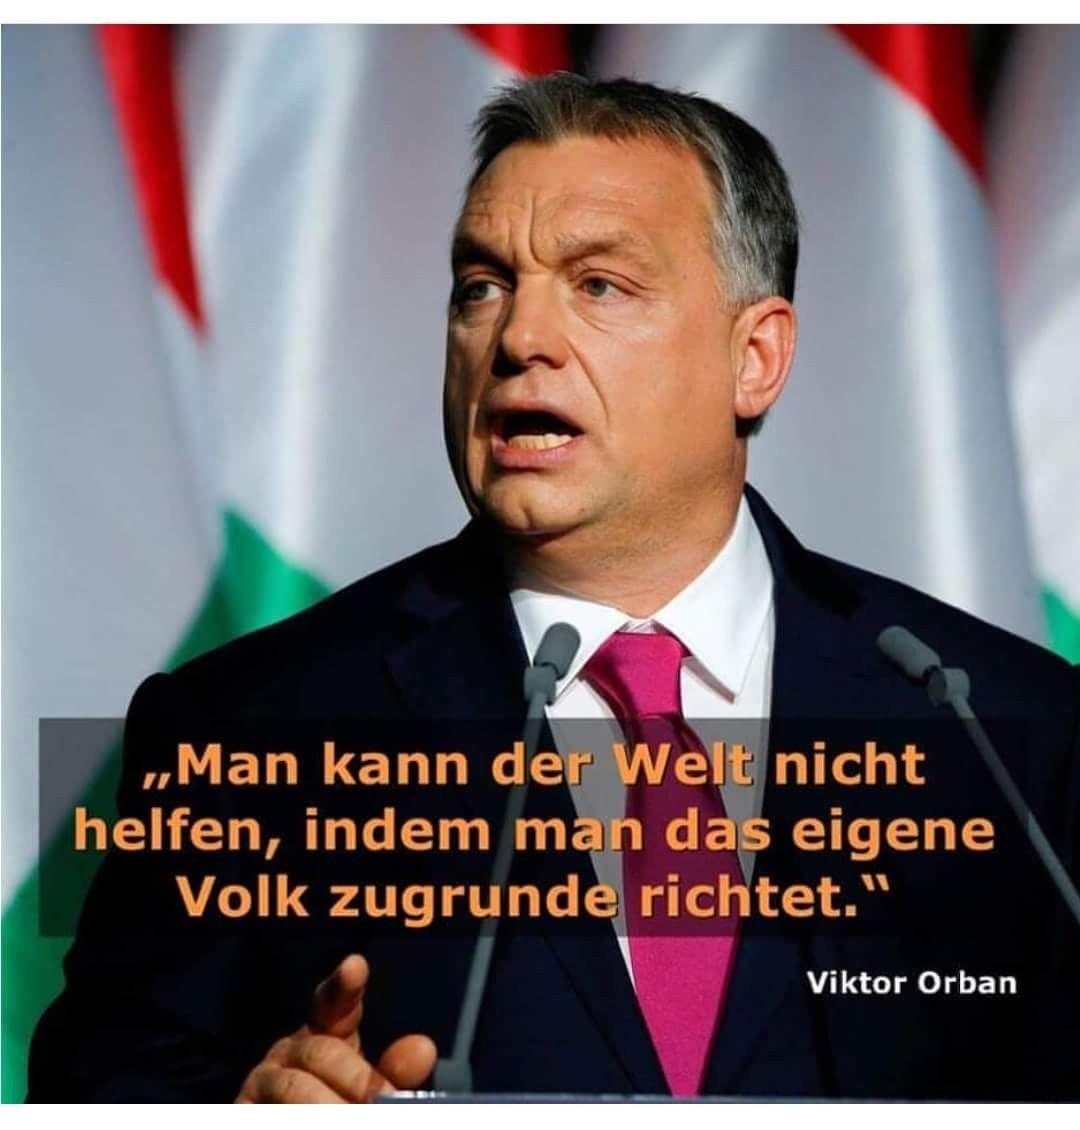 Pin Von Anja Neumann Auf So Ist Es Aktuelle Politik